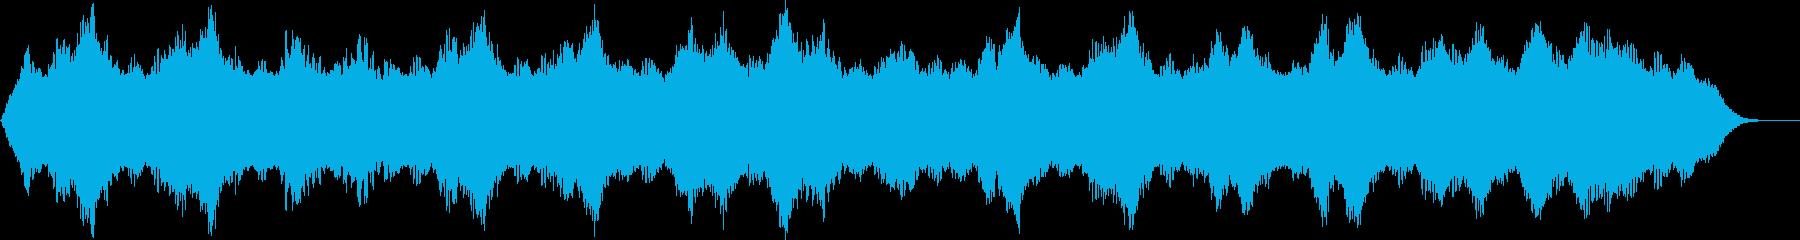 穏やかな癒し系アンビエント(B)の再生済みの波形